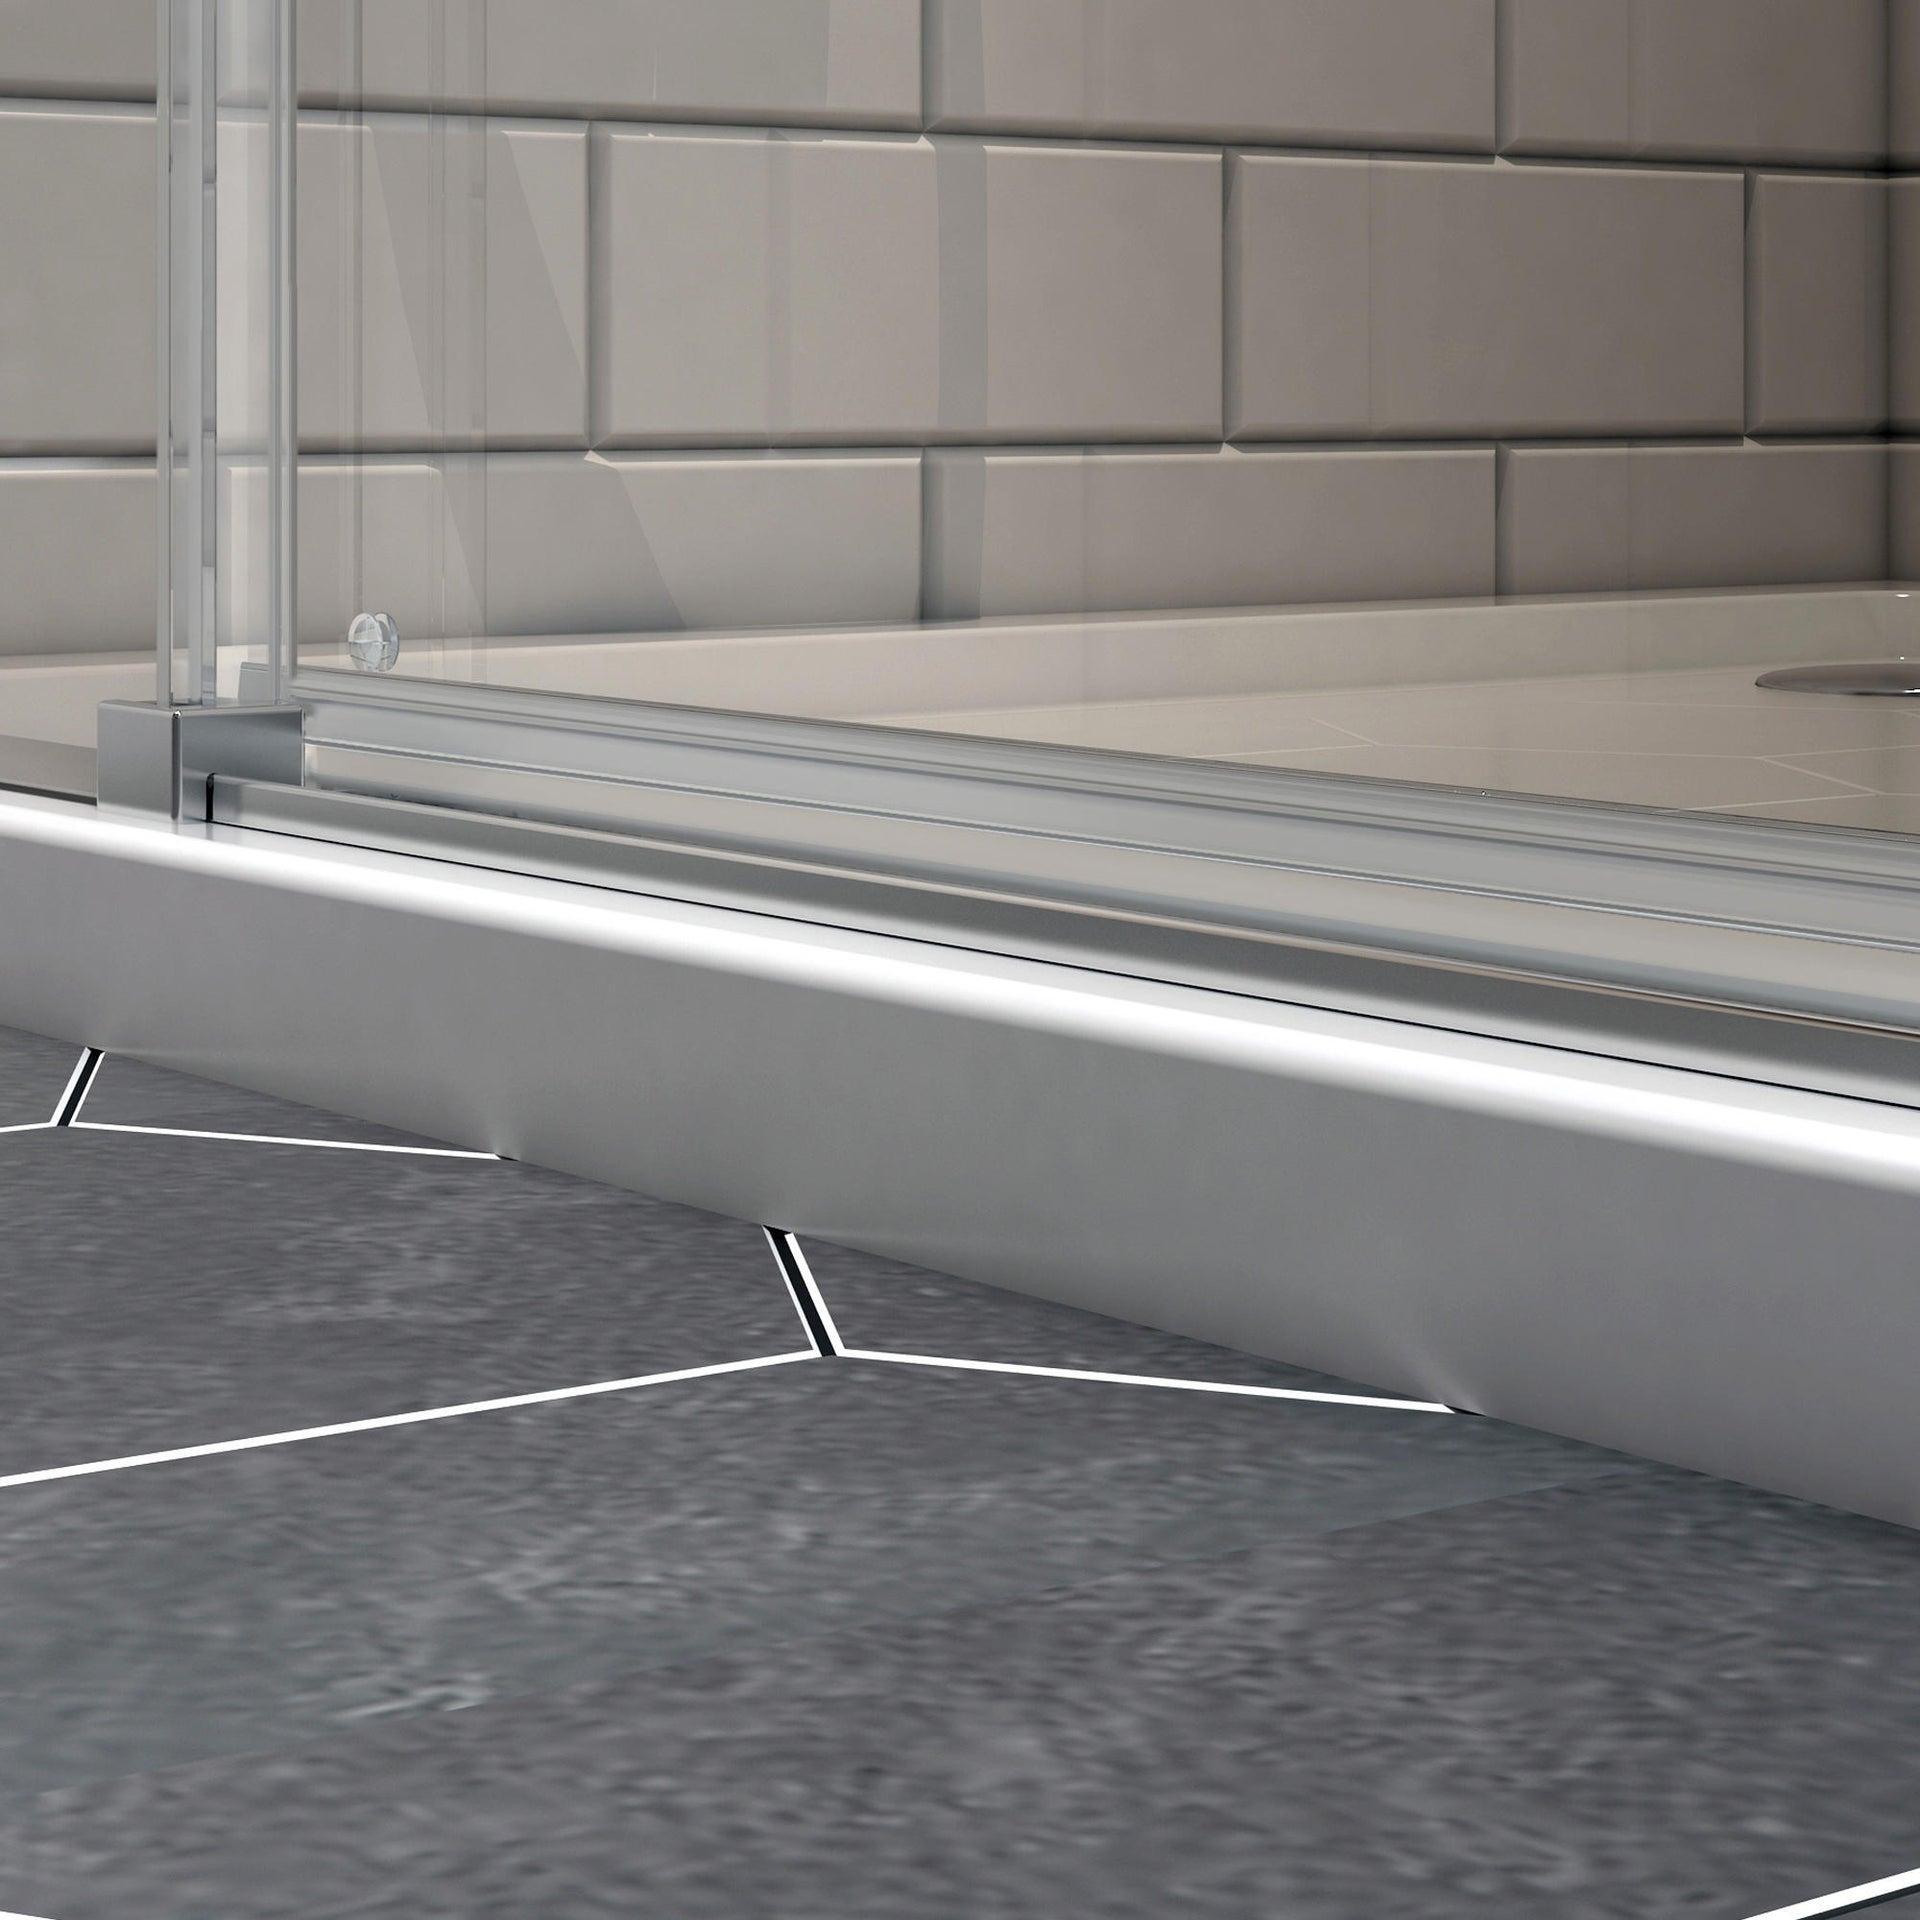 Box doccia rettangolare scorrevole Remix 80 x 120 cm, H 195 cm in vetro temprato, spessore 6 mm trasparente cromato - 10